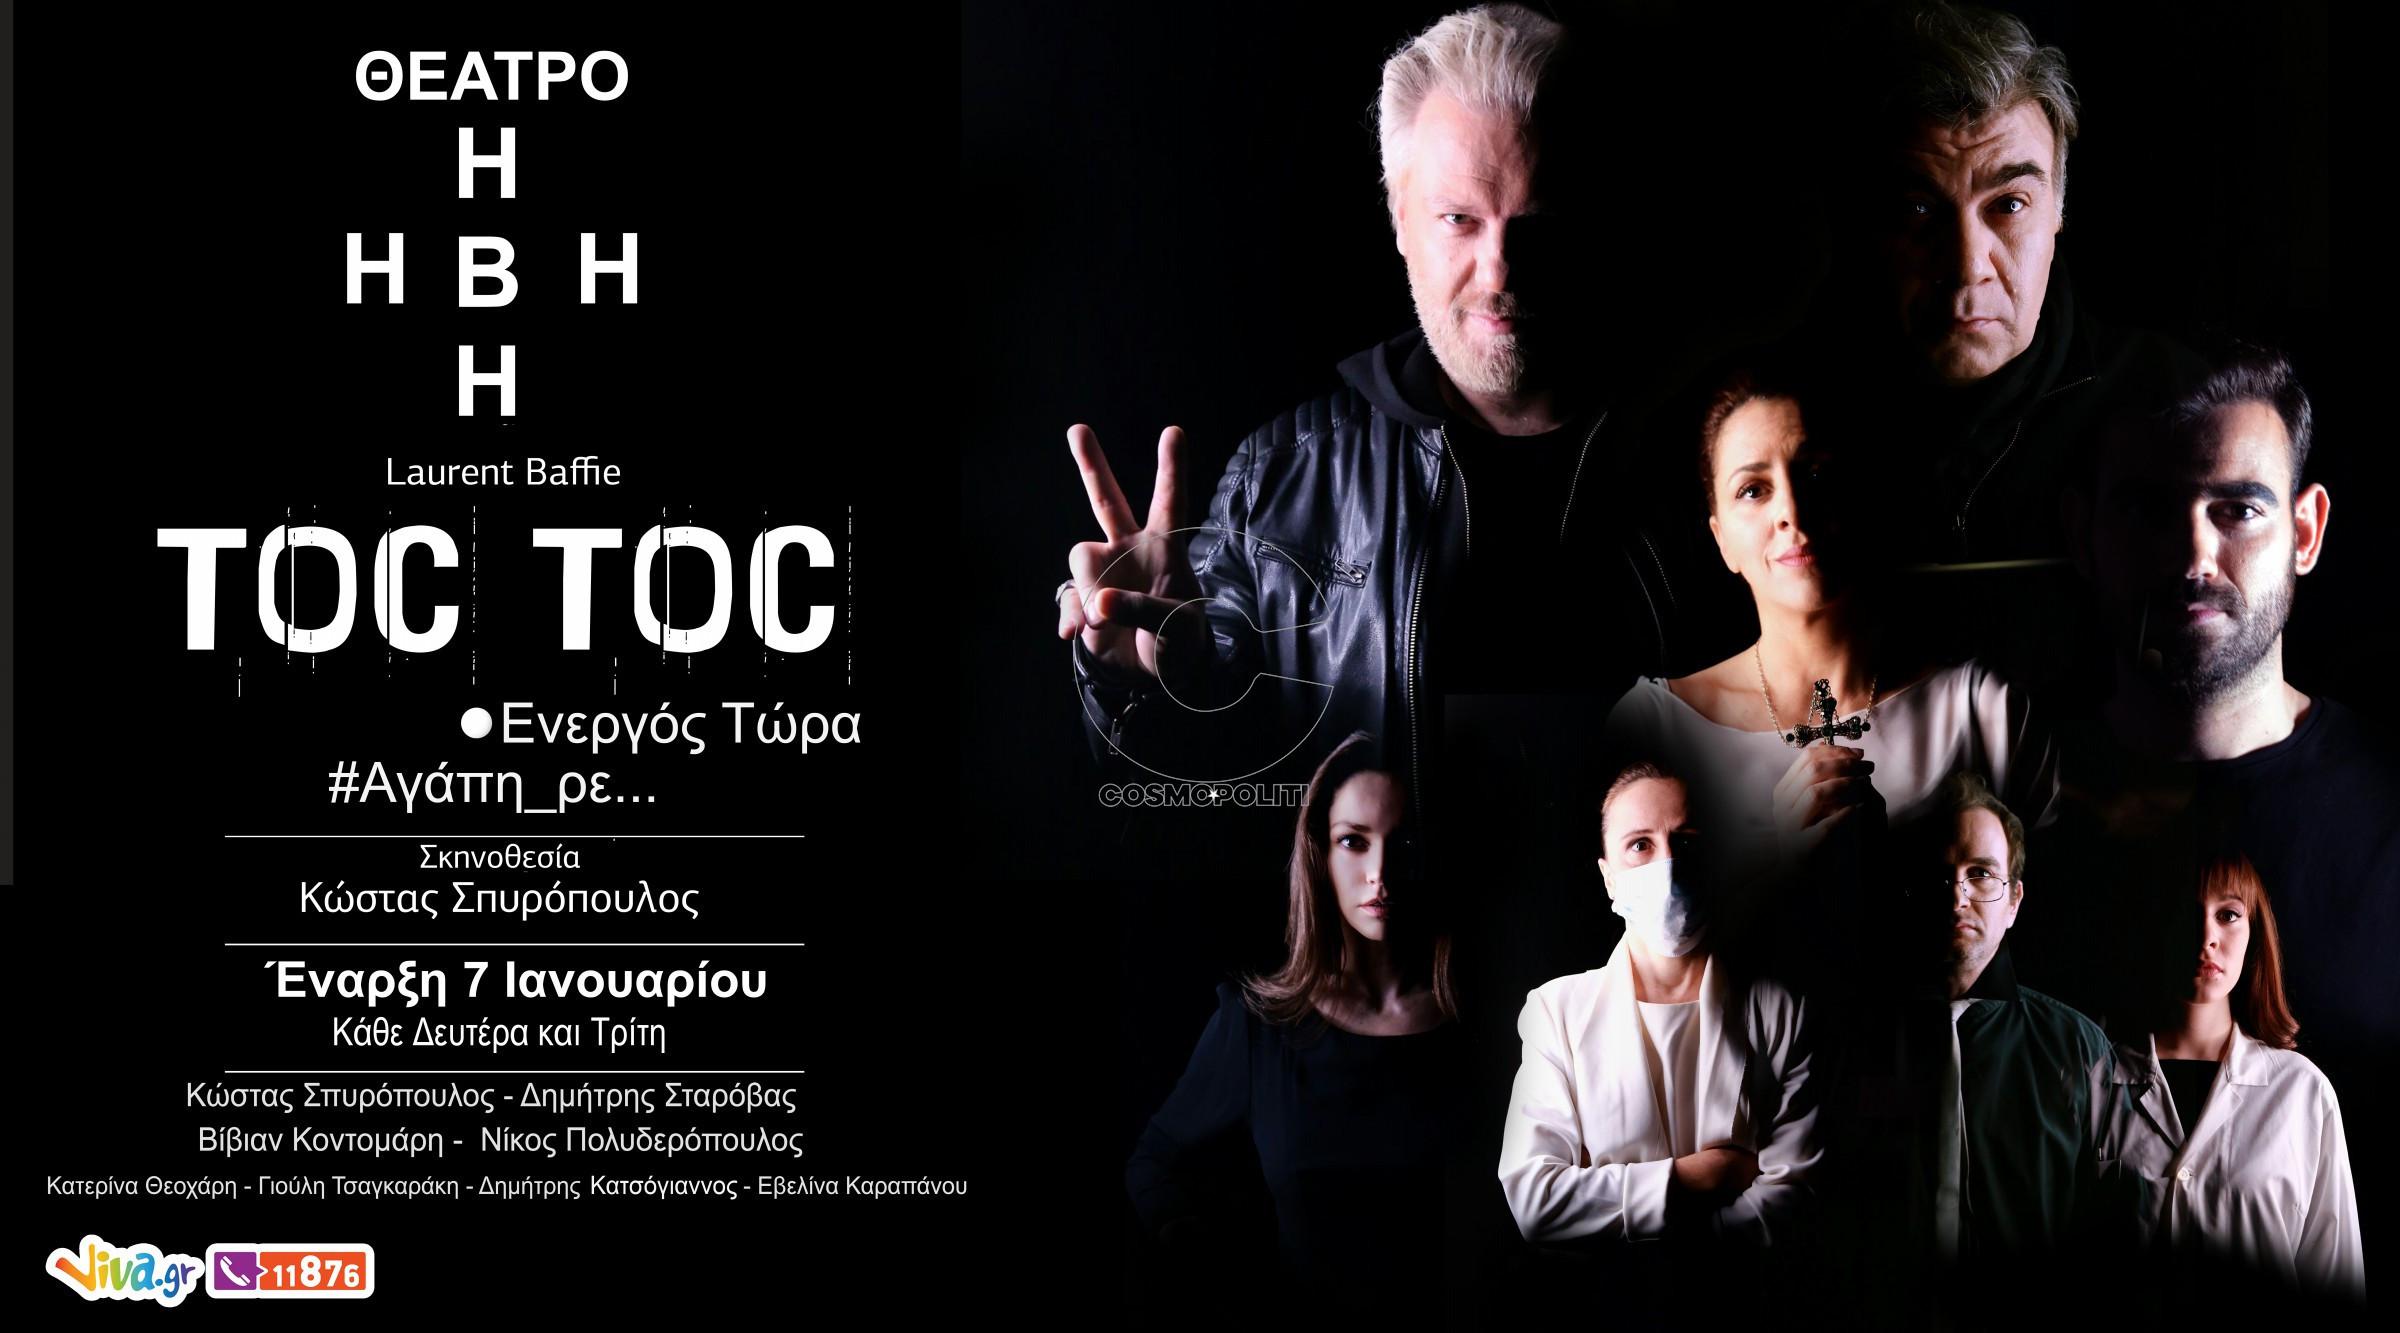 TOC-TOC-ΘΕΑΤΡΟ-ΗΒΗ